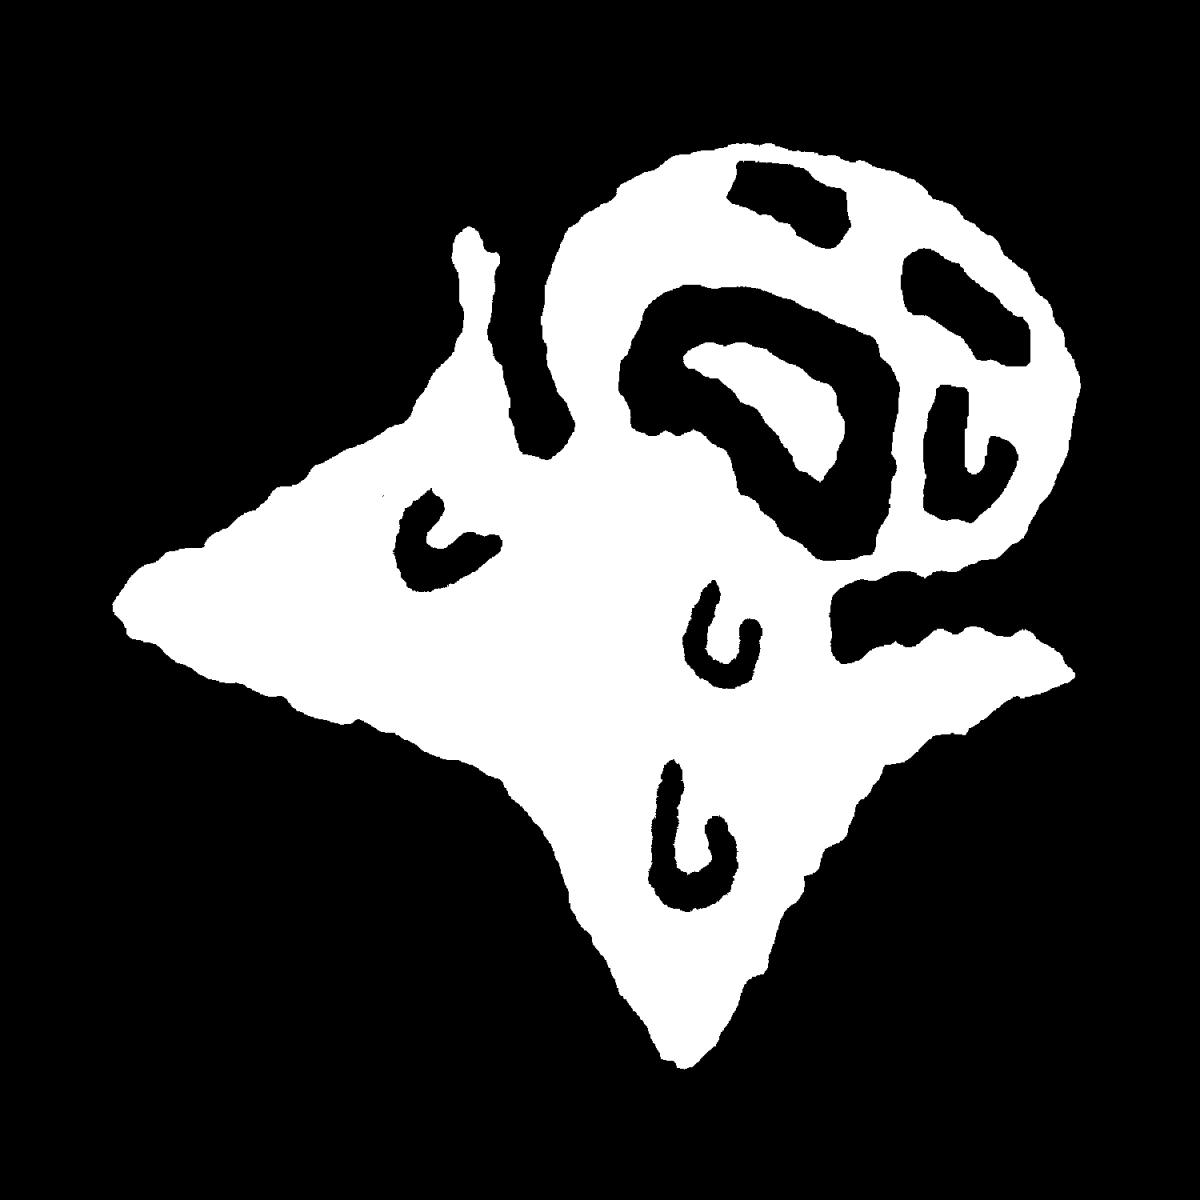 汗をかいて気絶のイラスト / Fainting from sweating Illustration